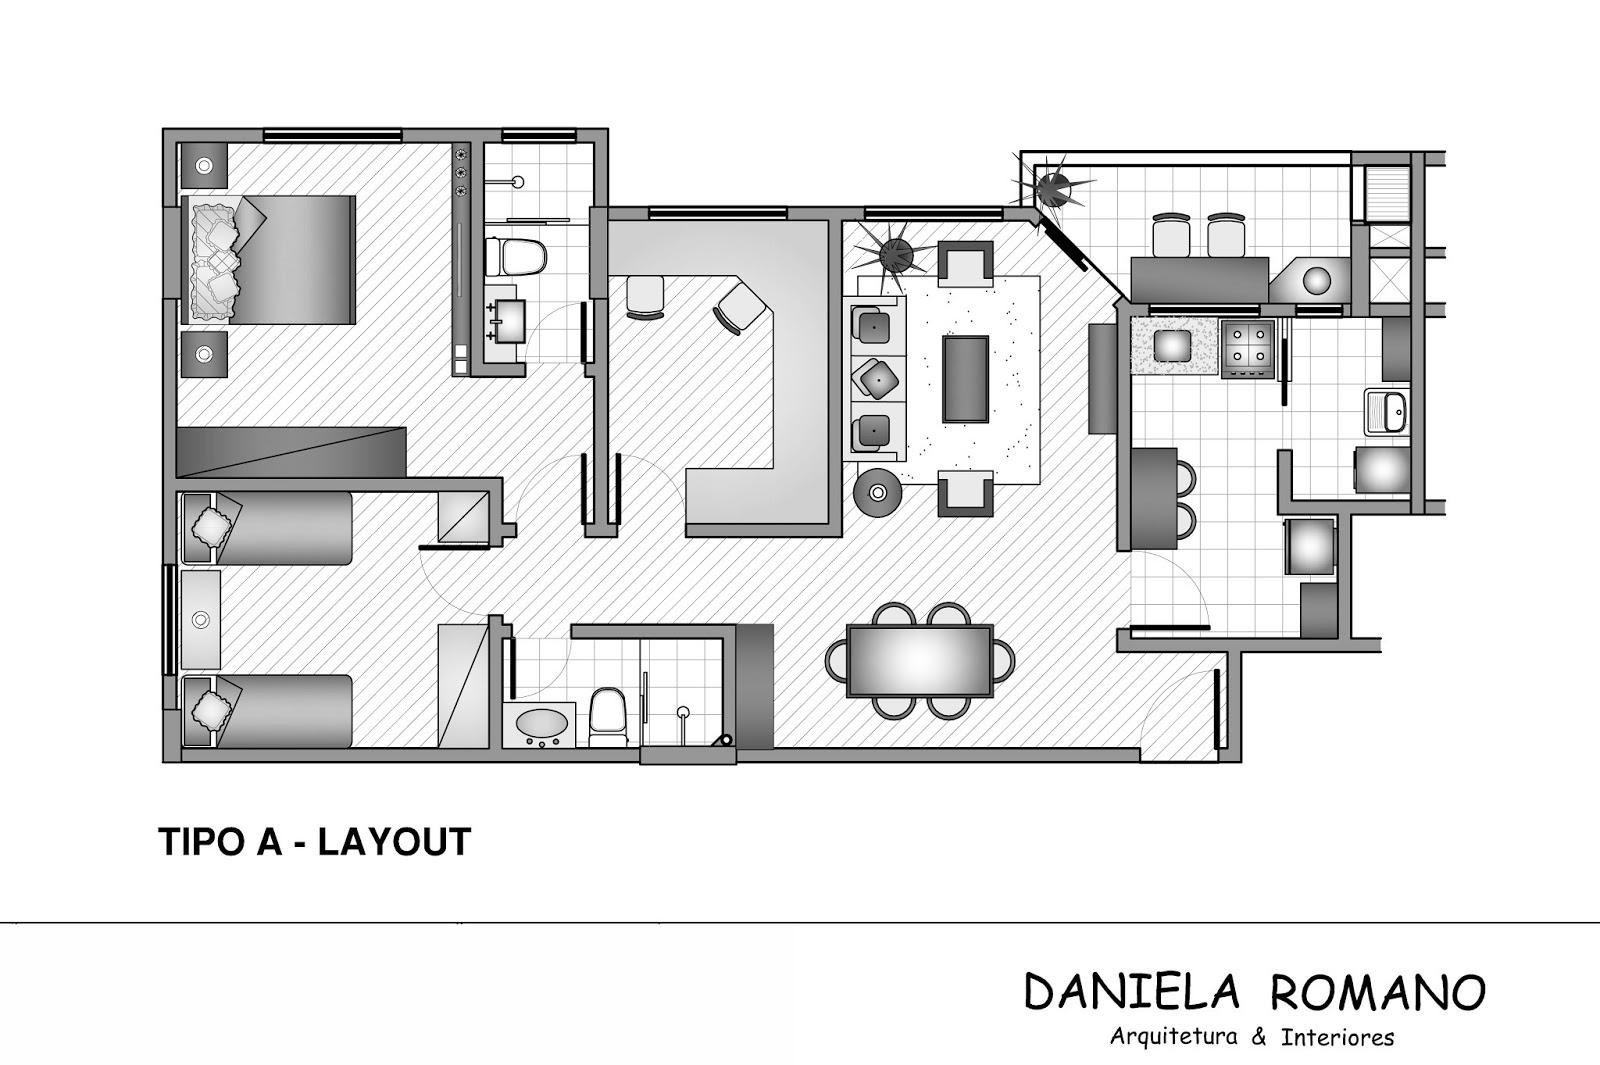 Cozinha Layout Layout Do Apartamento Com Os Mveis Na Visualizao